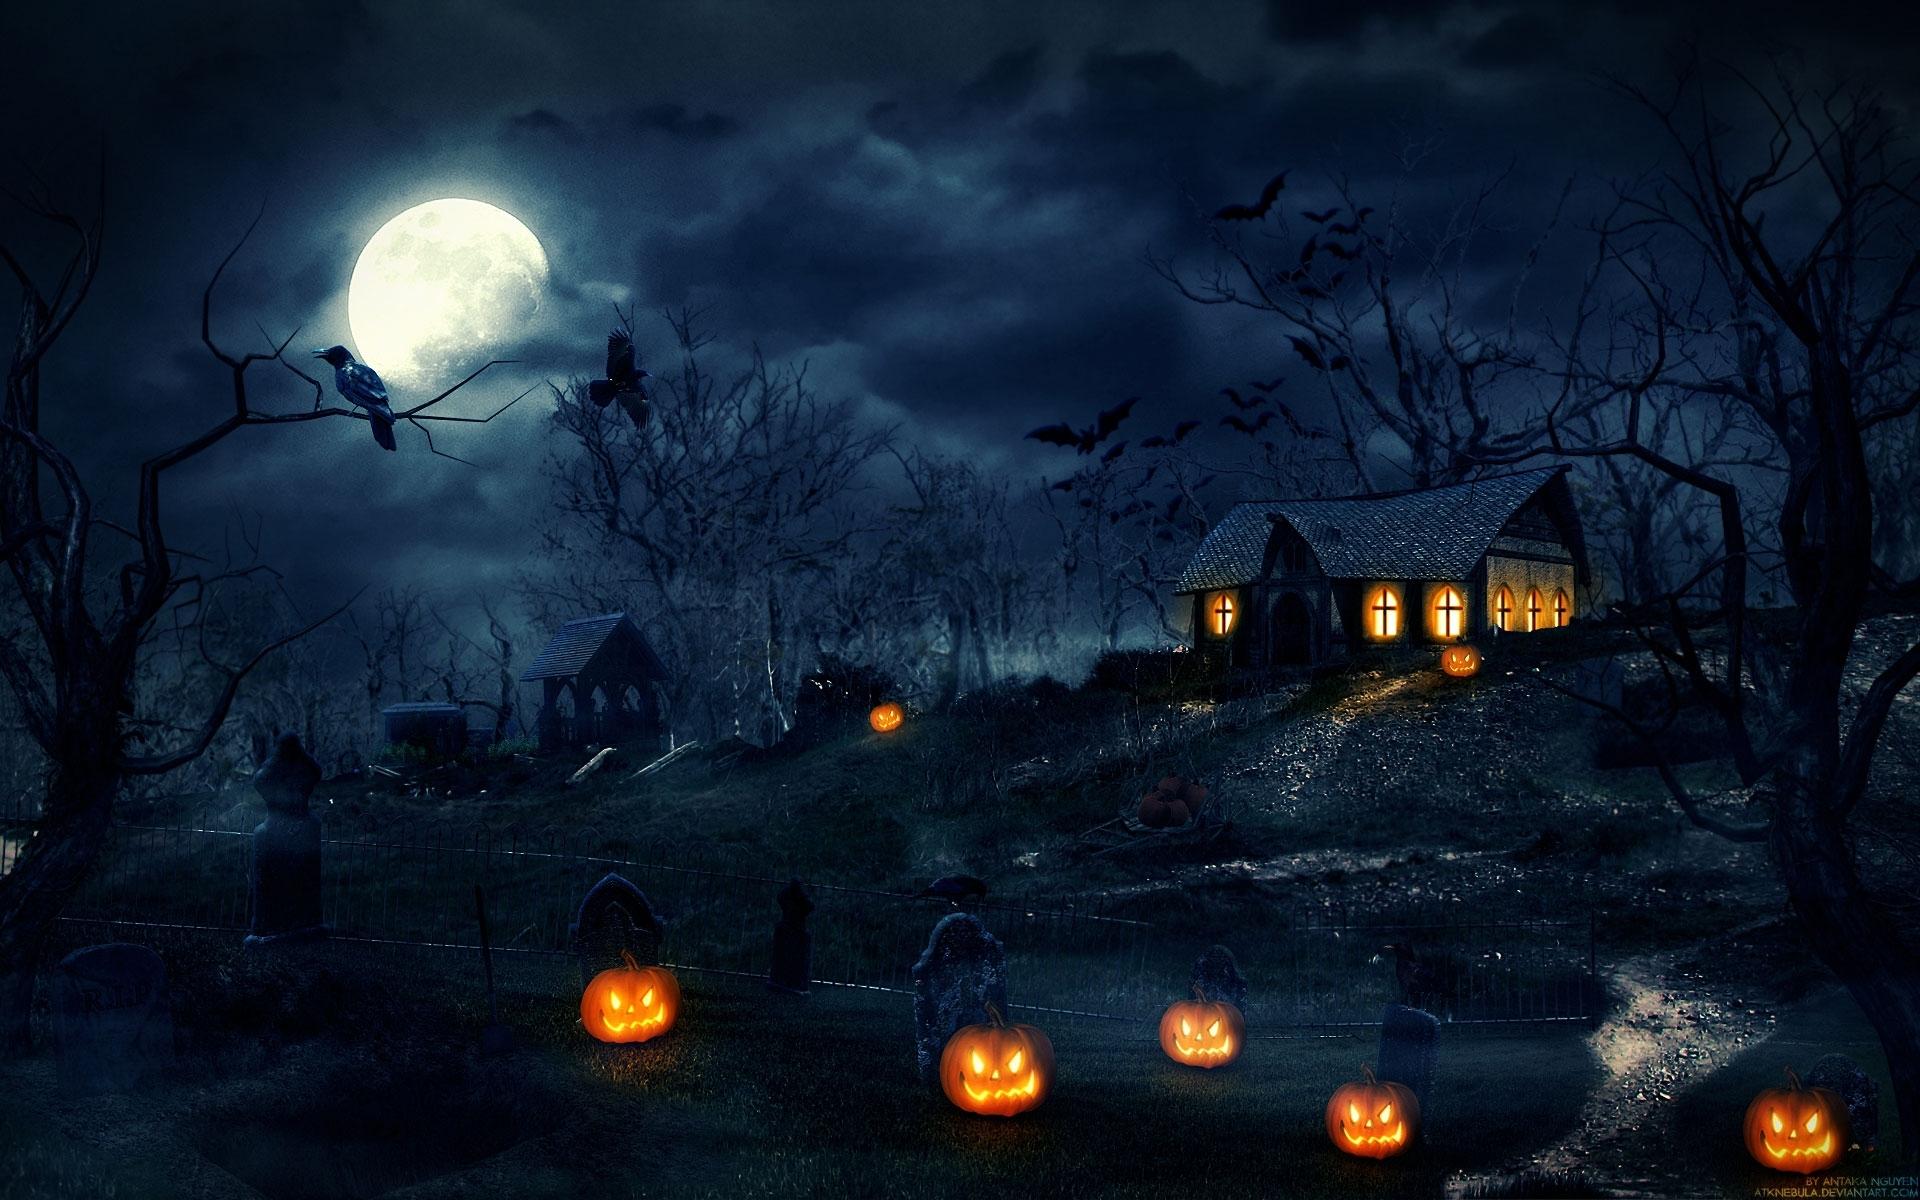 halloween backgrounds free download | pixelstalk